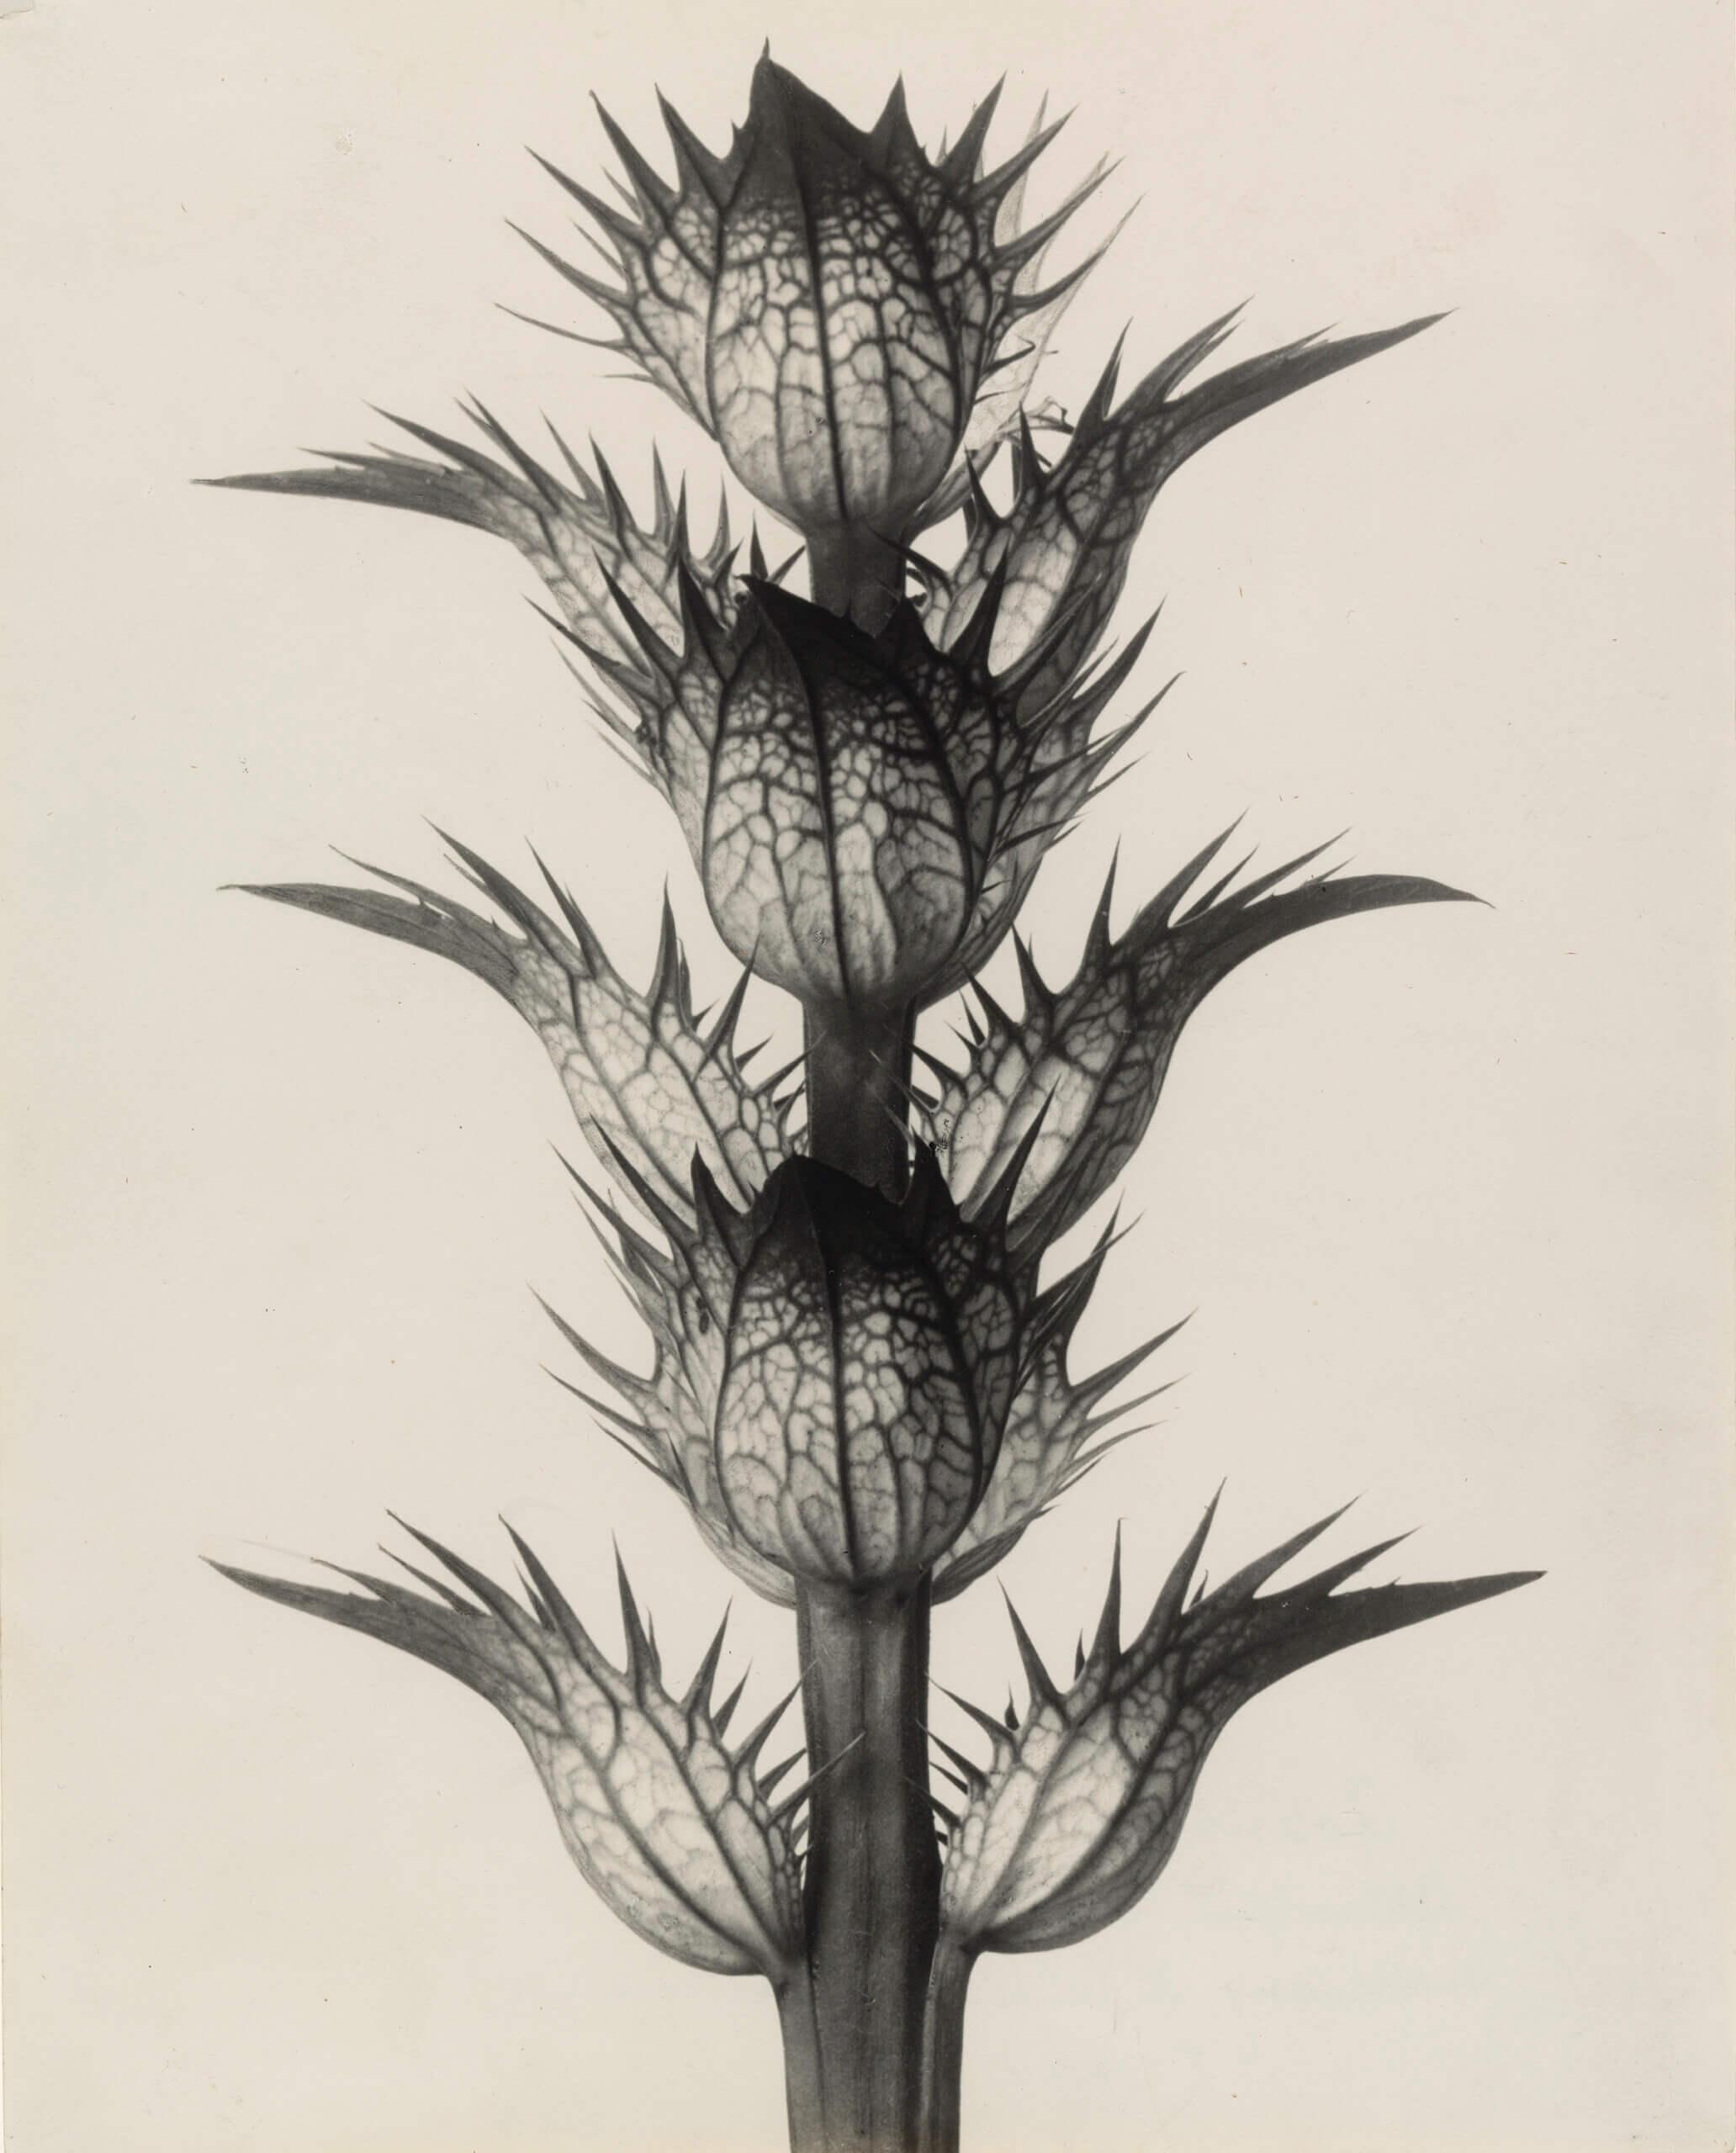 Acanthe à feuilles molles. Bractéoles aux fleurs enlevées, grossies 4 fois